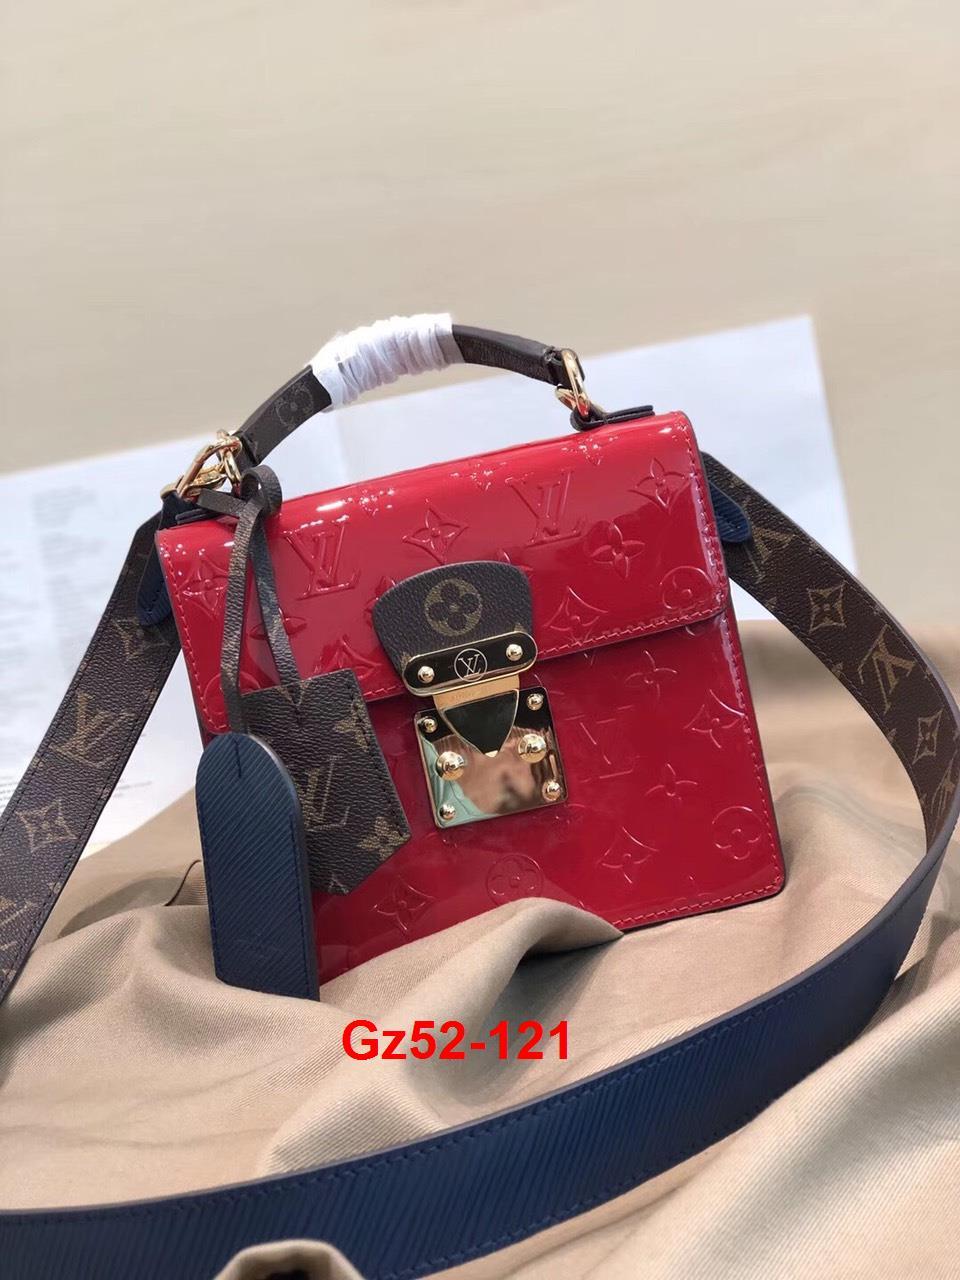 Gz52-121 Louis Vuitton túi size 17cm siêu cấp